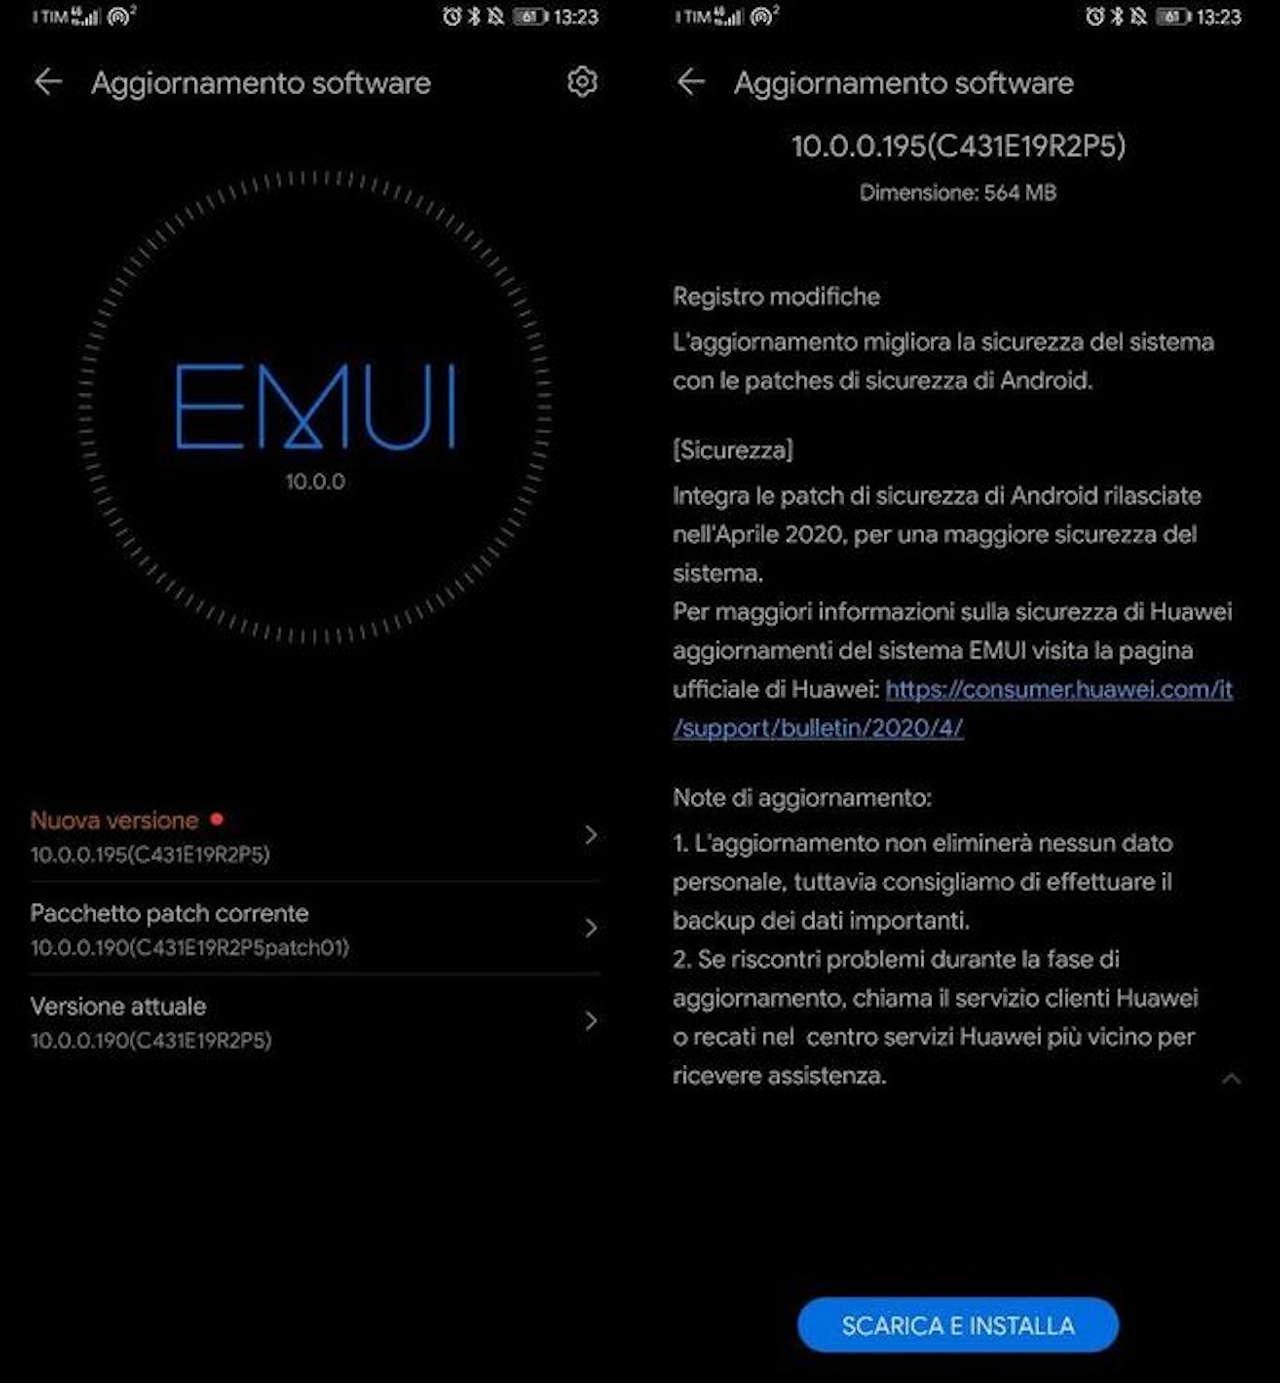 Huawei p30 pro aggiornamento